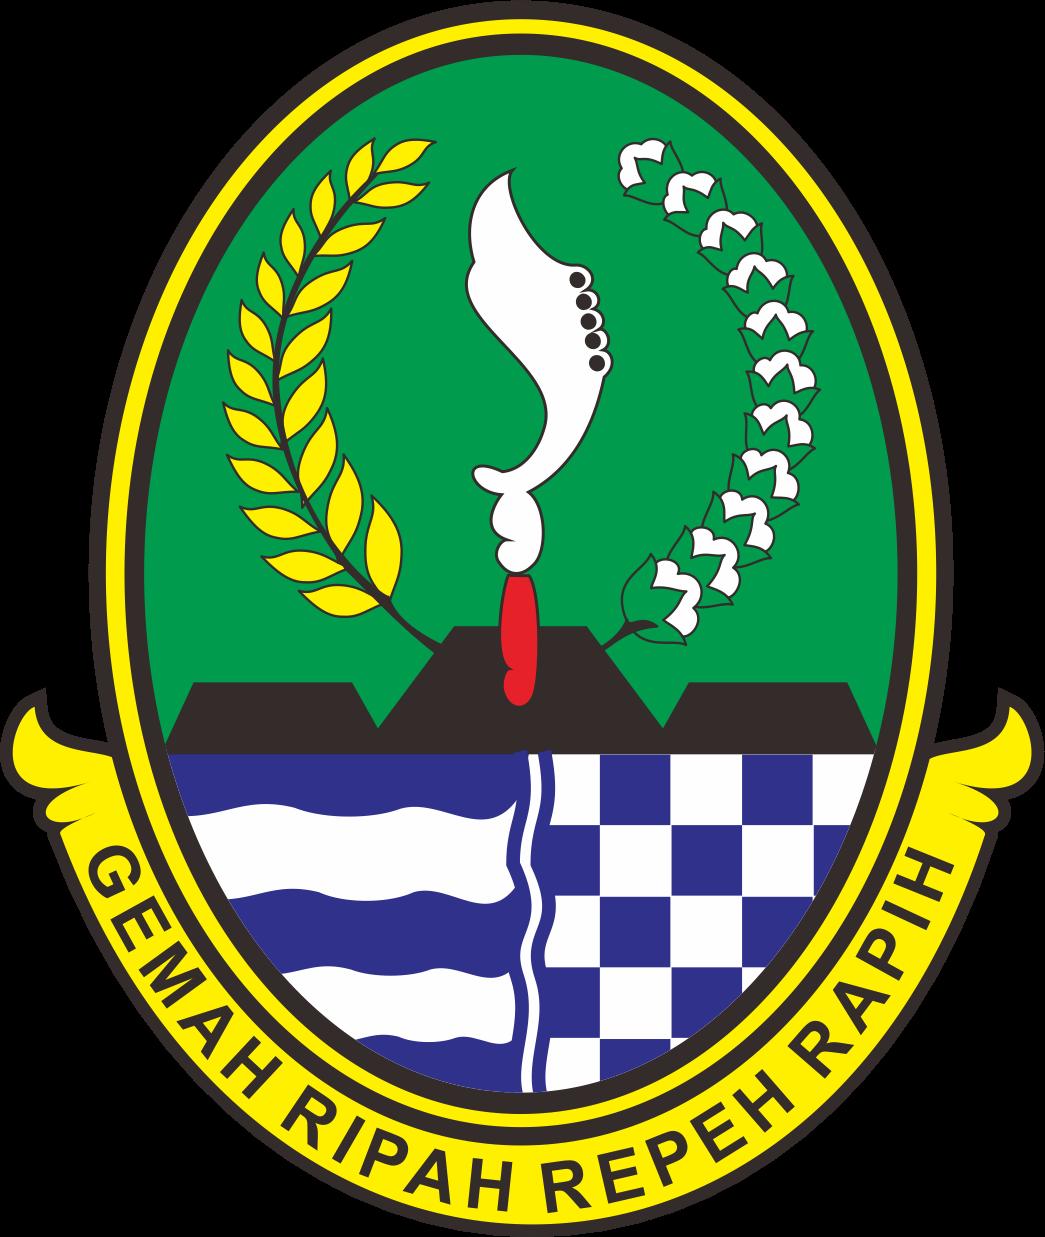 Hasil Kelulusan CPNS Pemprov Jabar (Jawa Barat) 2014